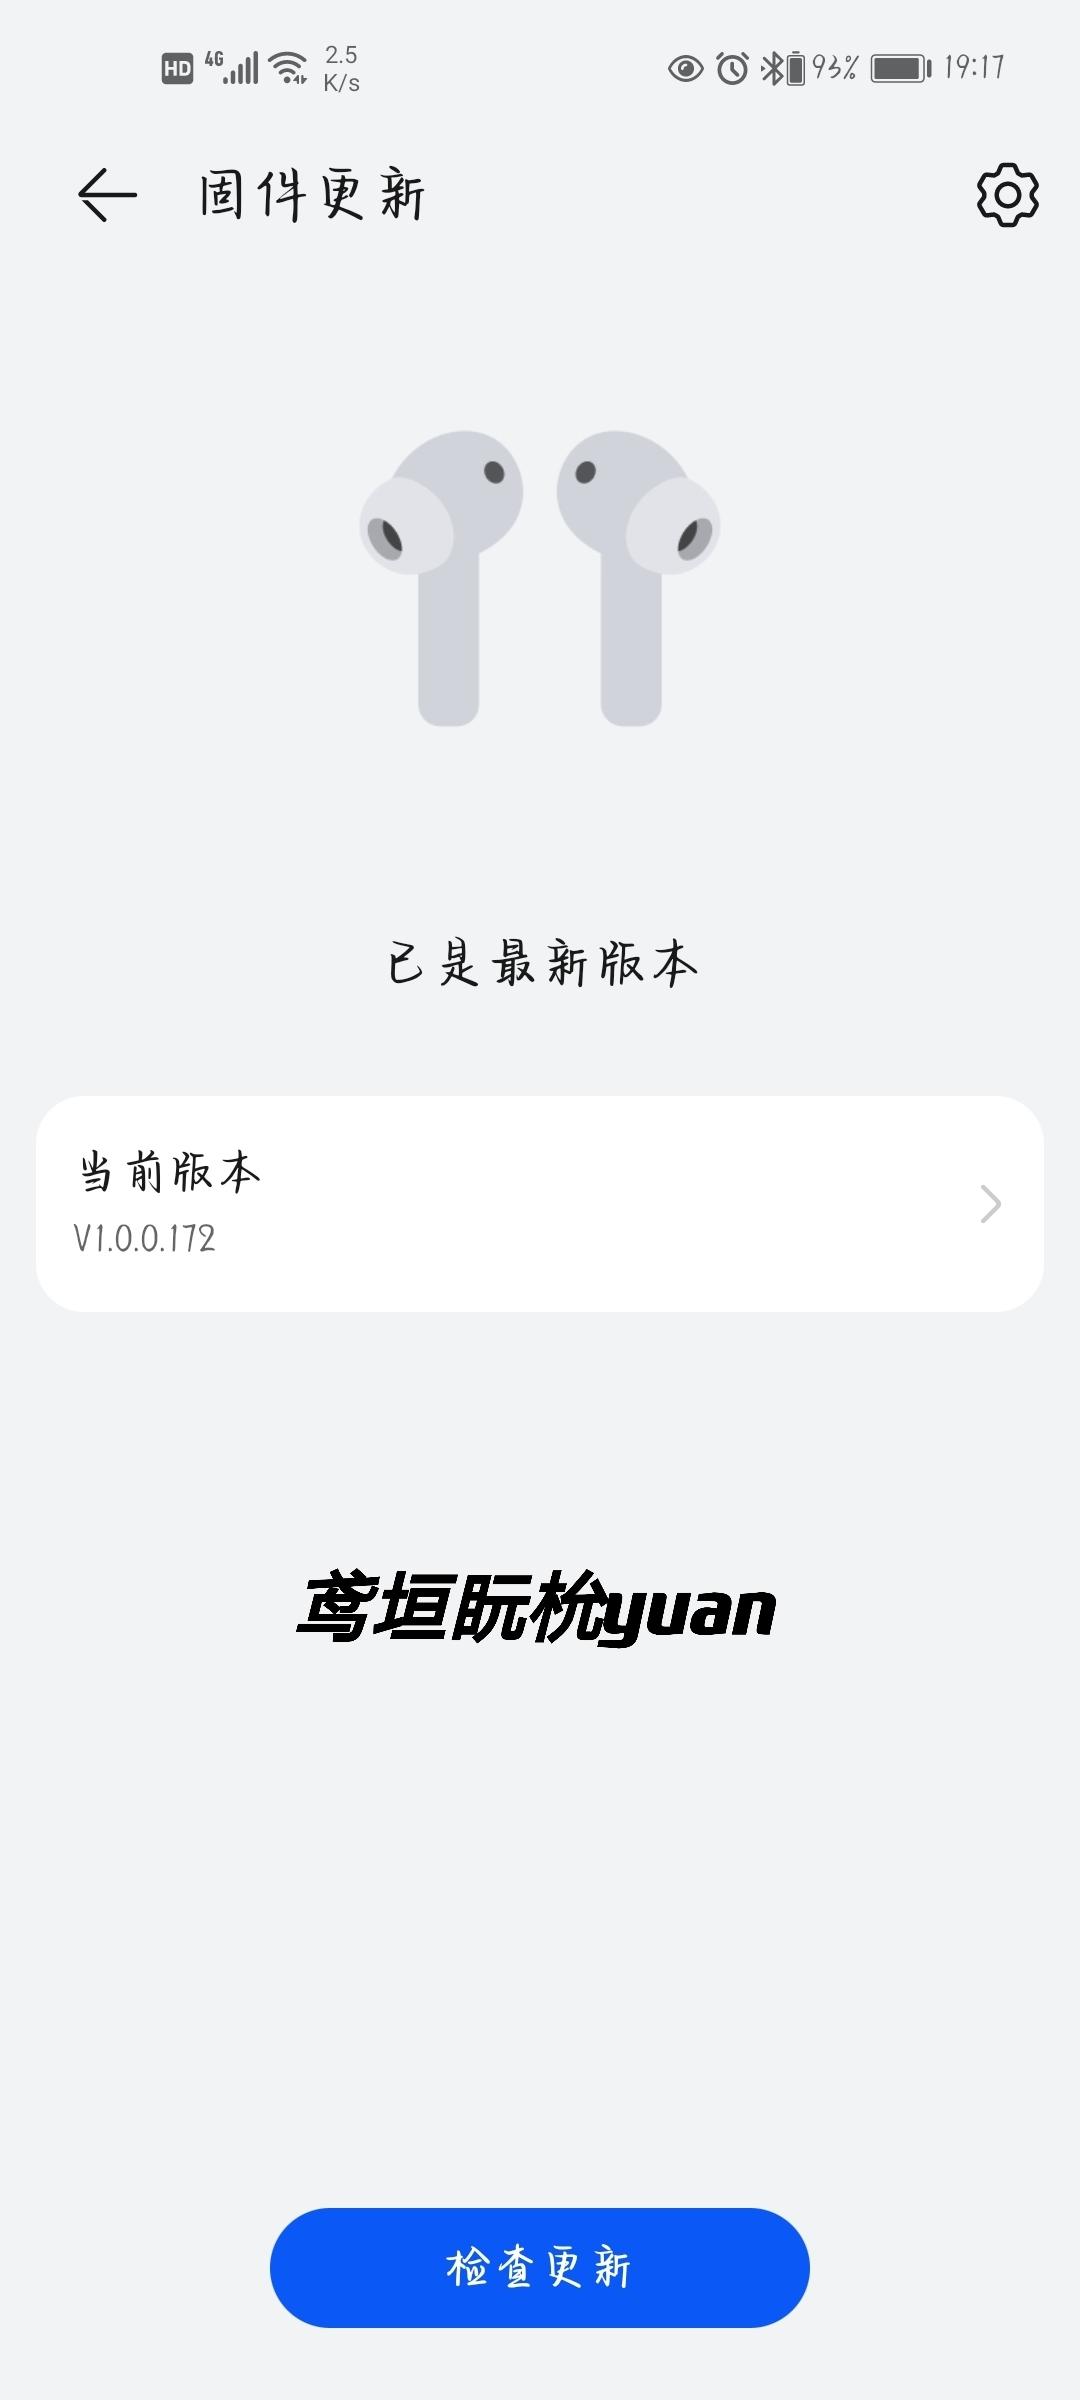 Screenshot_20210531_191728_com.huawei.smarthome_mh1622460094844.jpg